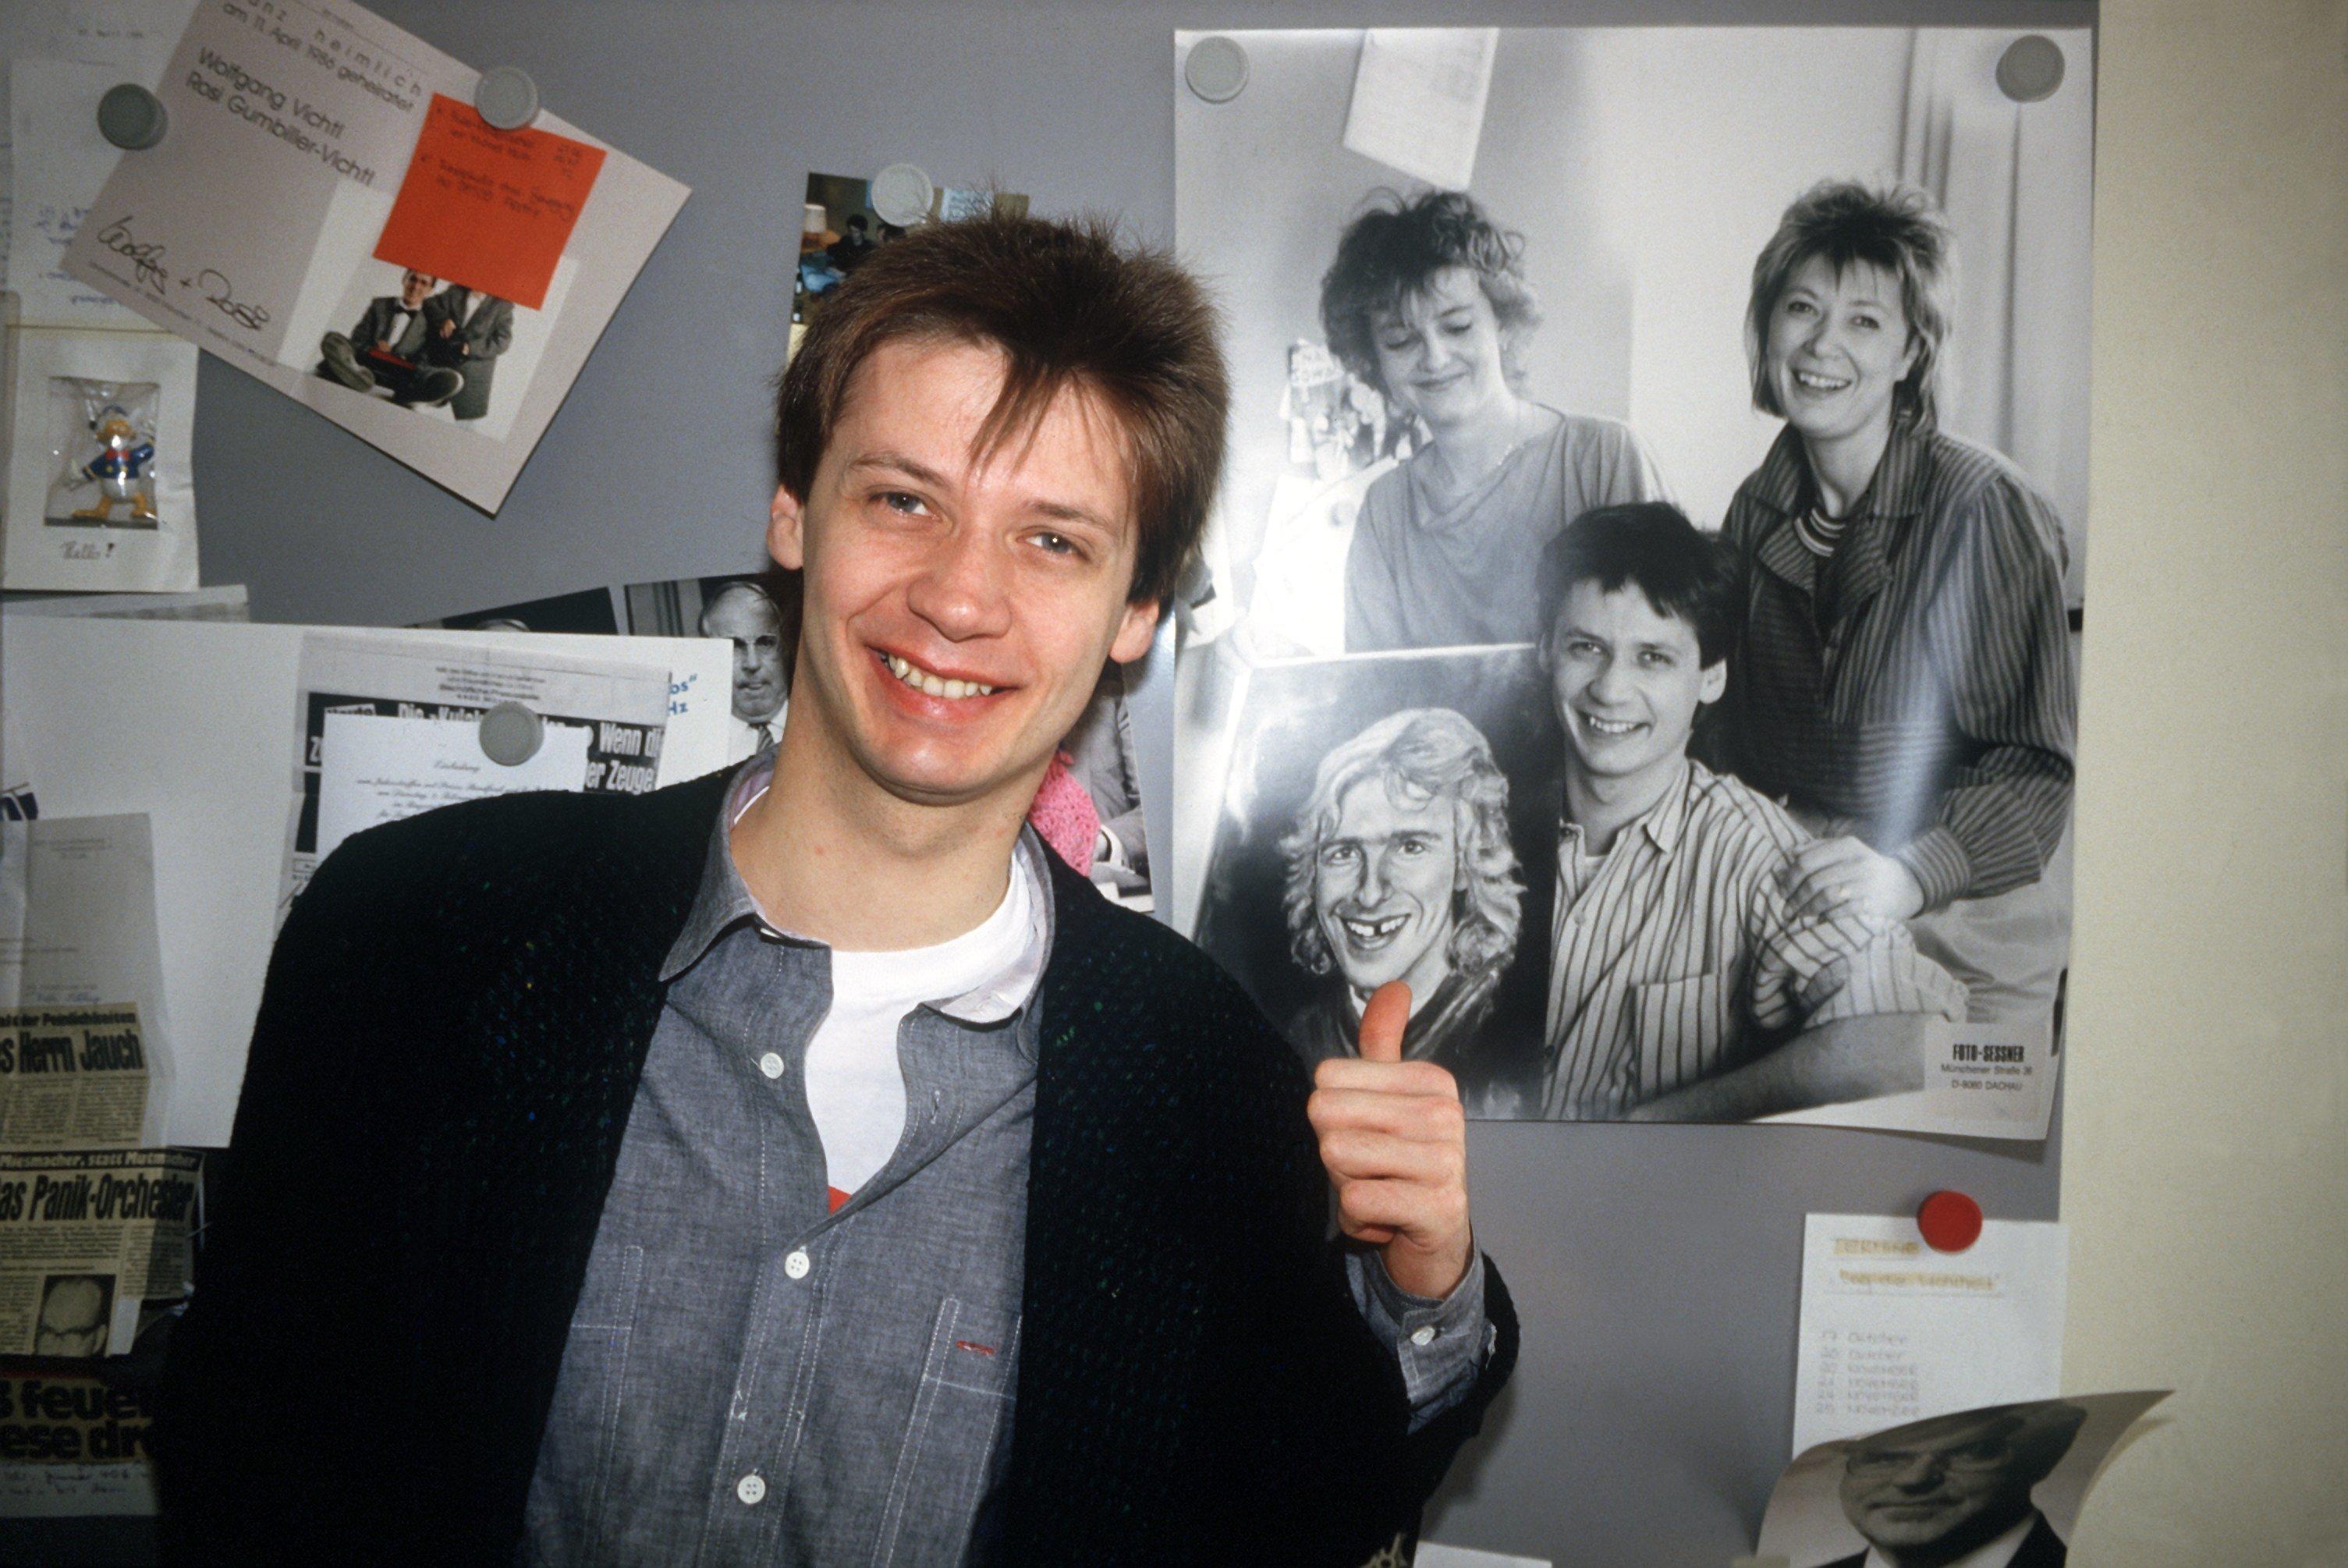 Rundfunkmoderator Günther Jauch